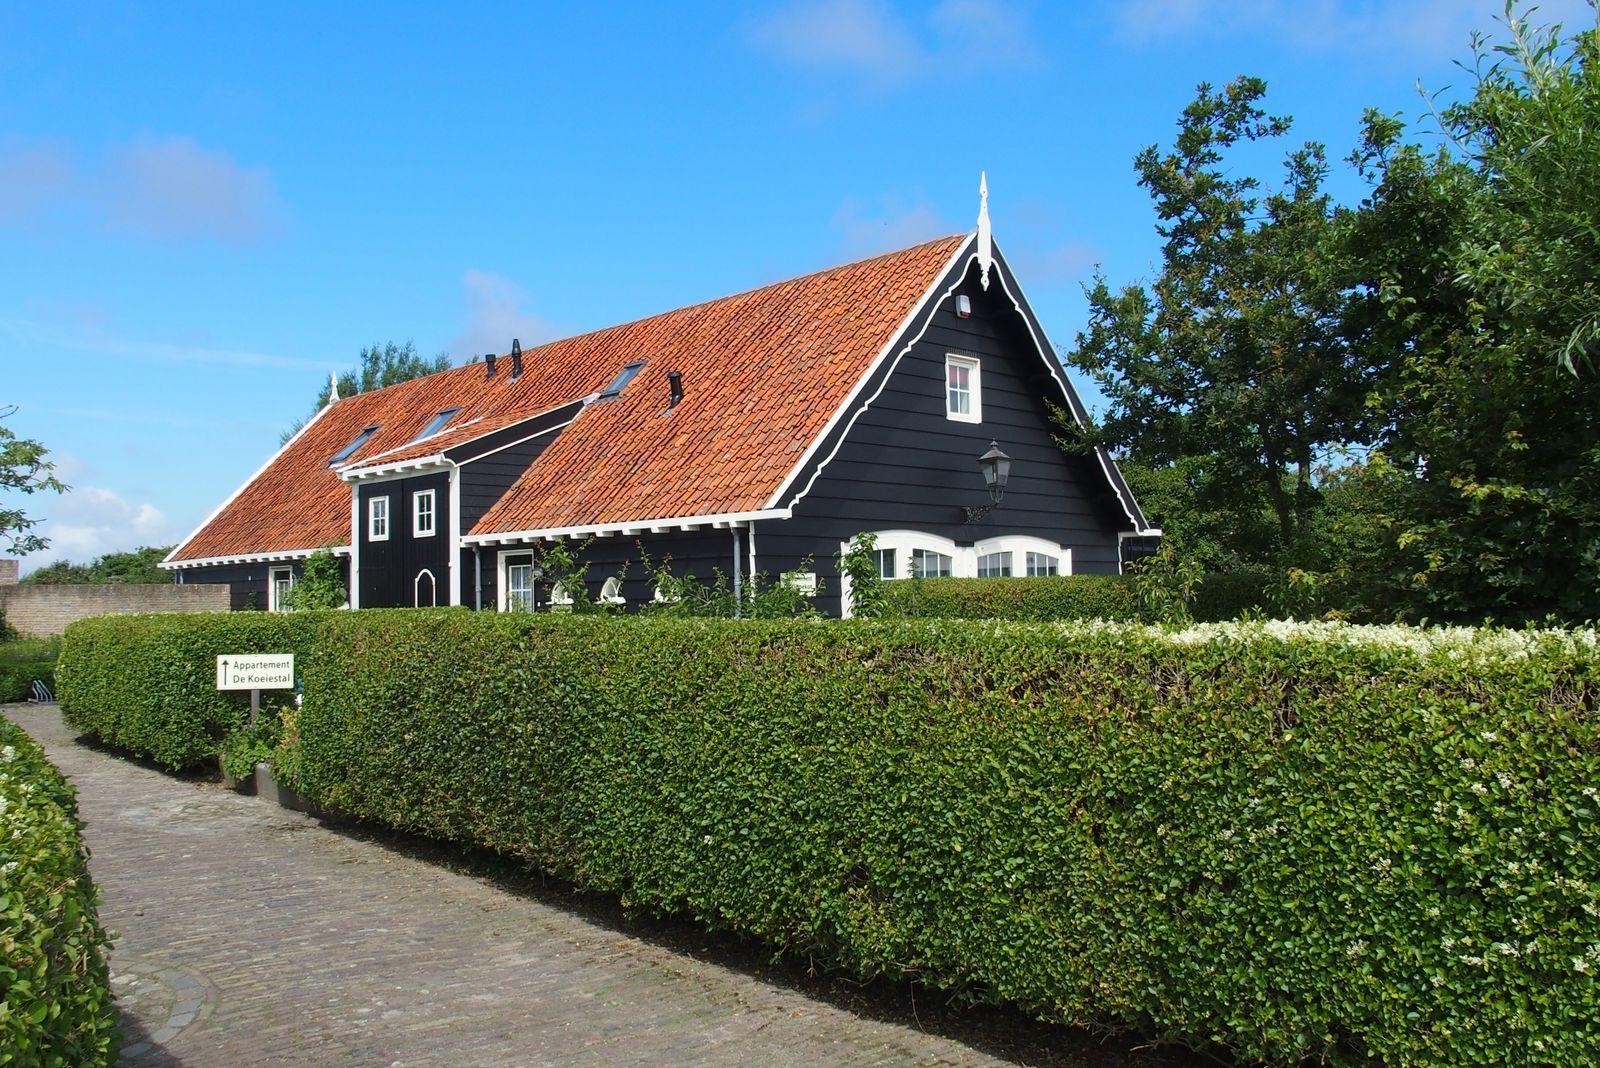 Vakantiehuis Kippekot